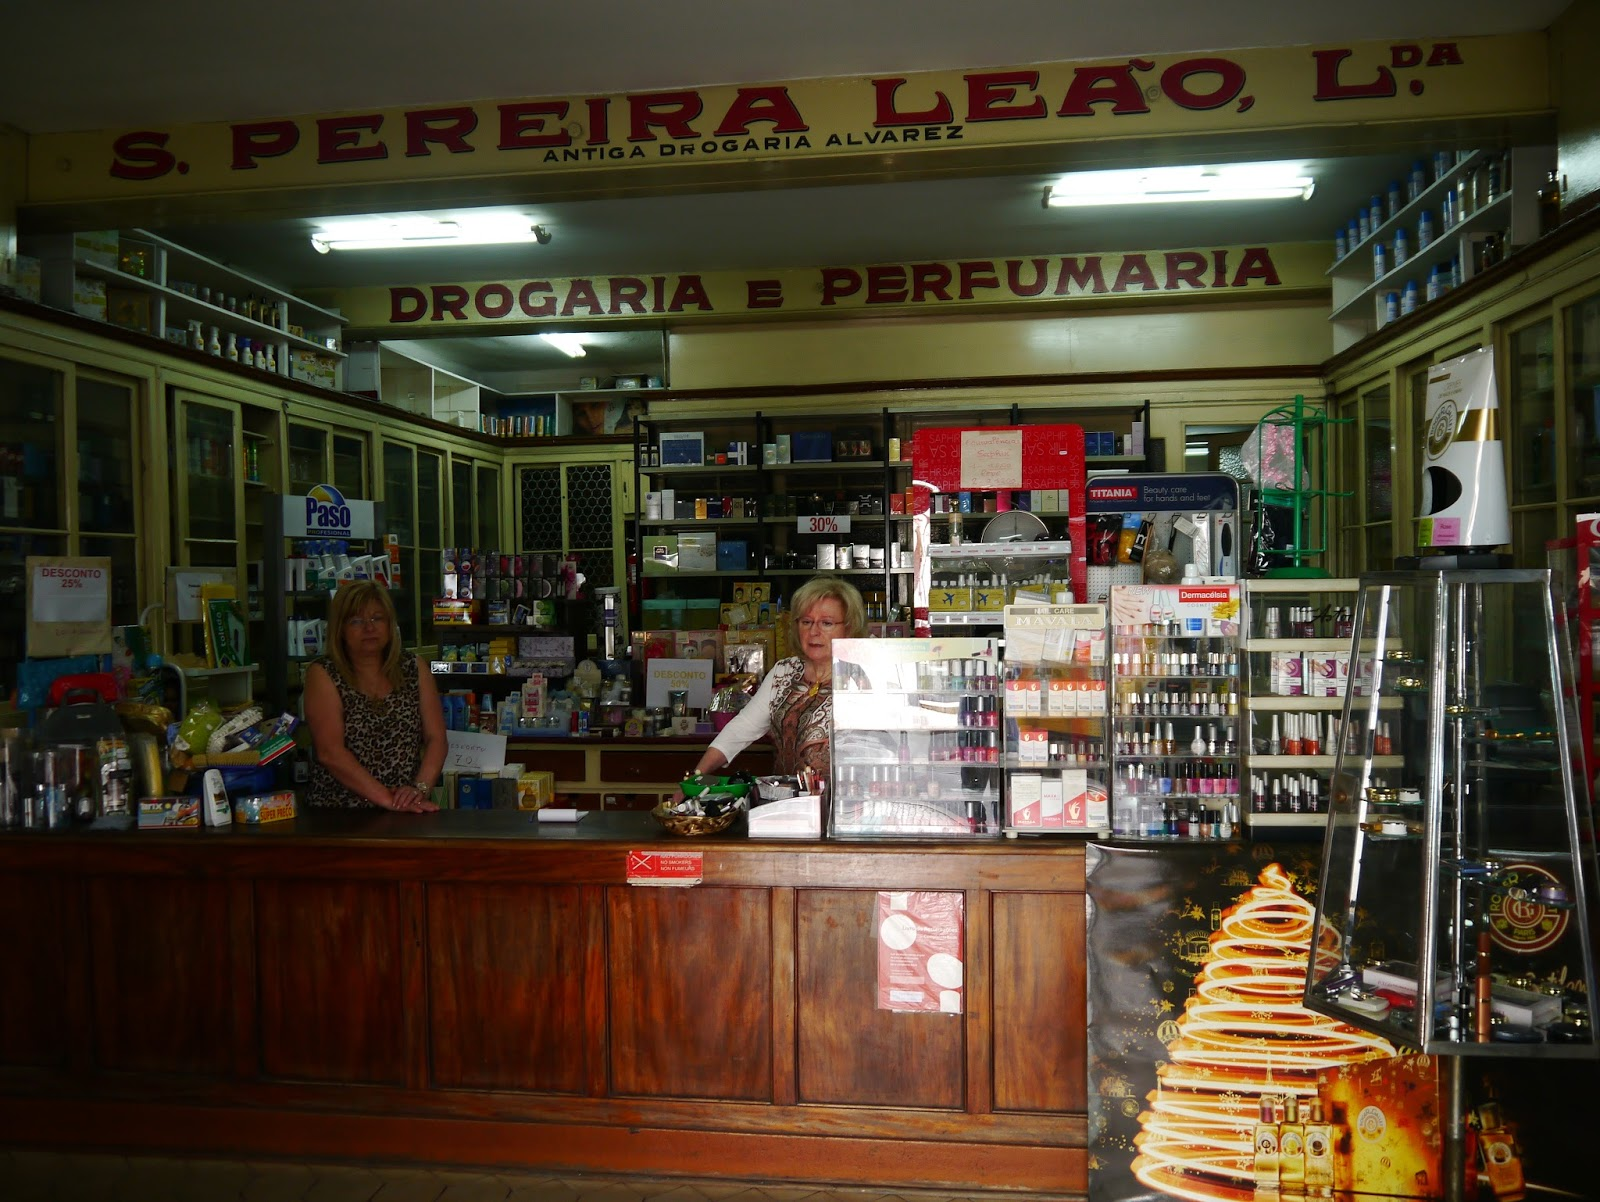 CIDADANIA LX: Hoje Foi O último Dia Da DROGARIA S. PEREIRA